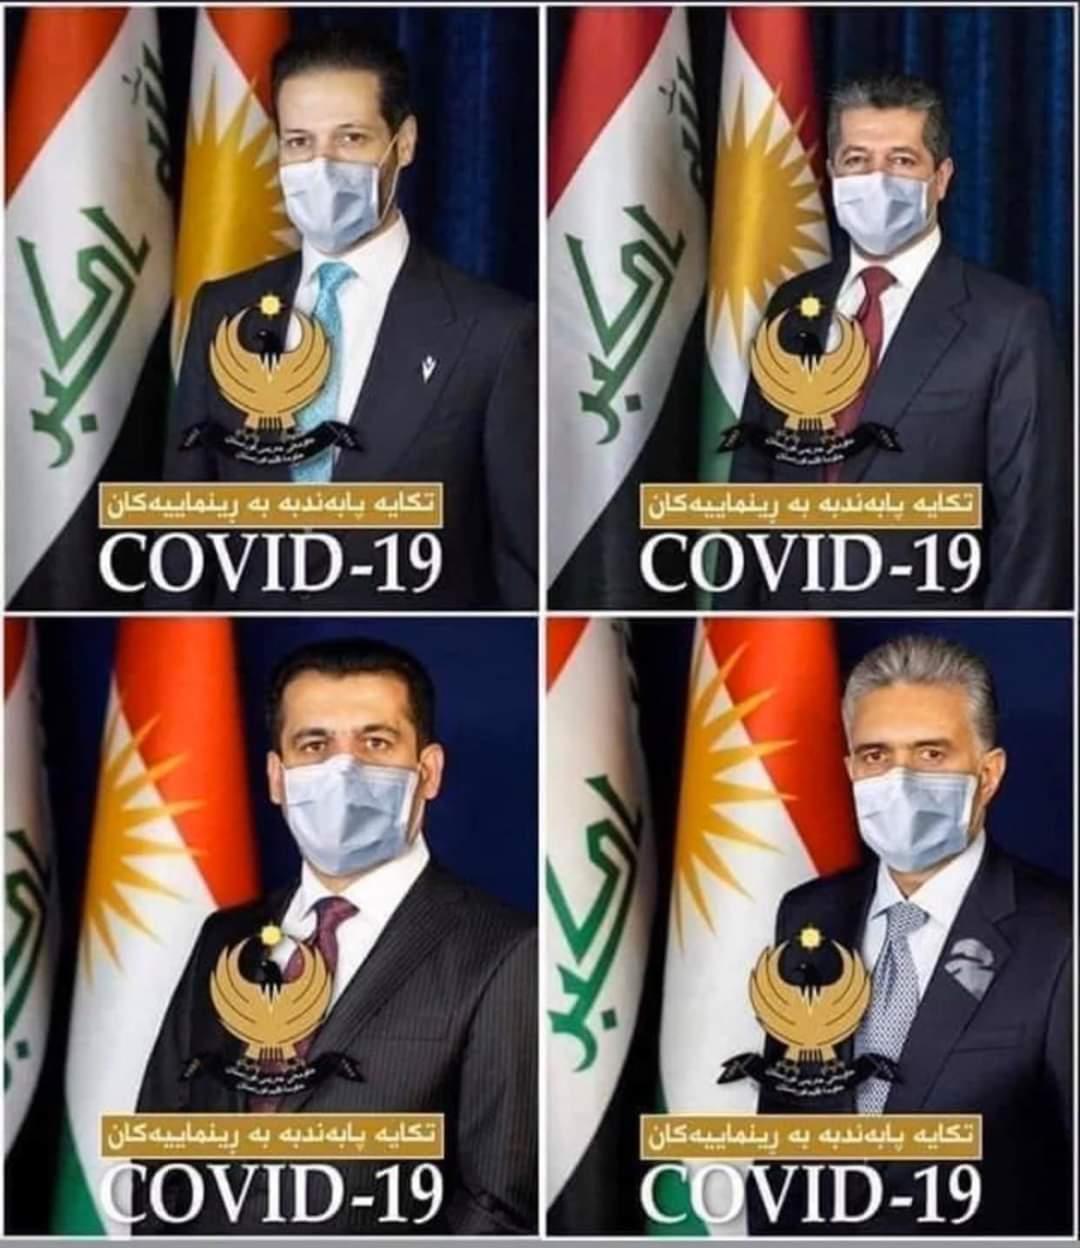 خطاب رئيس حكومة إقليم كوردستان مسرور بارزاني بشأن فيروس كورونا